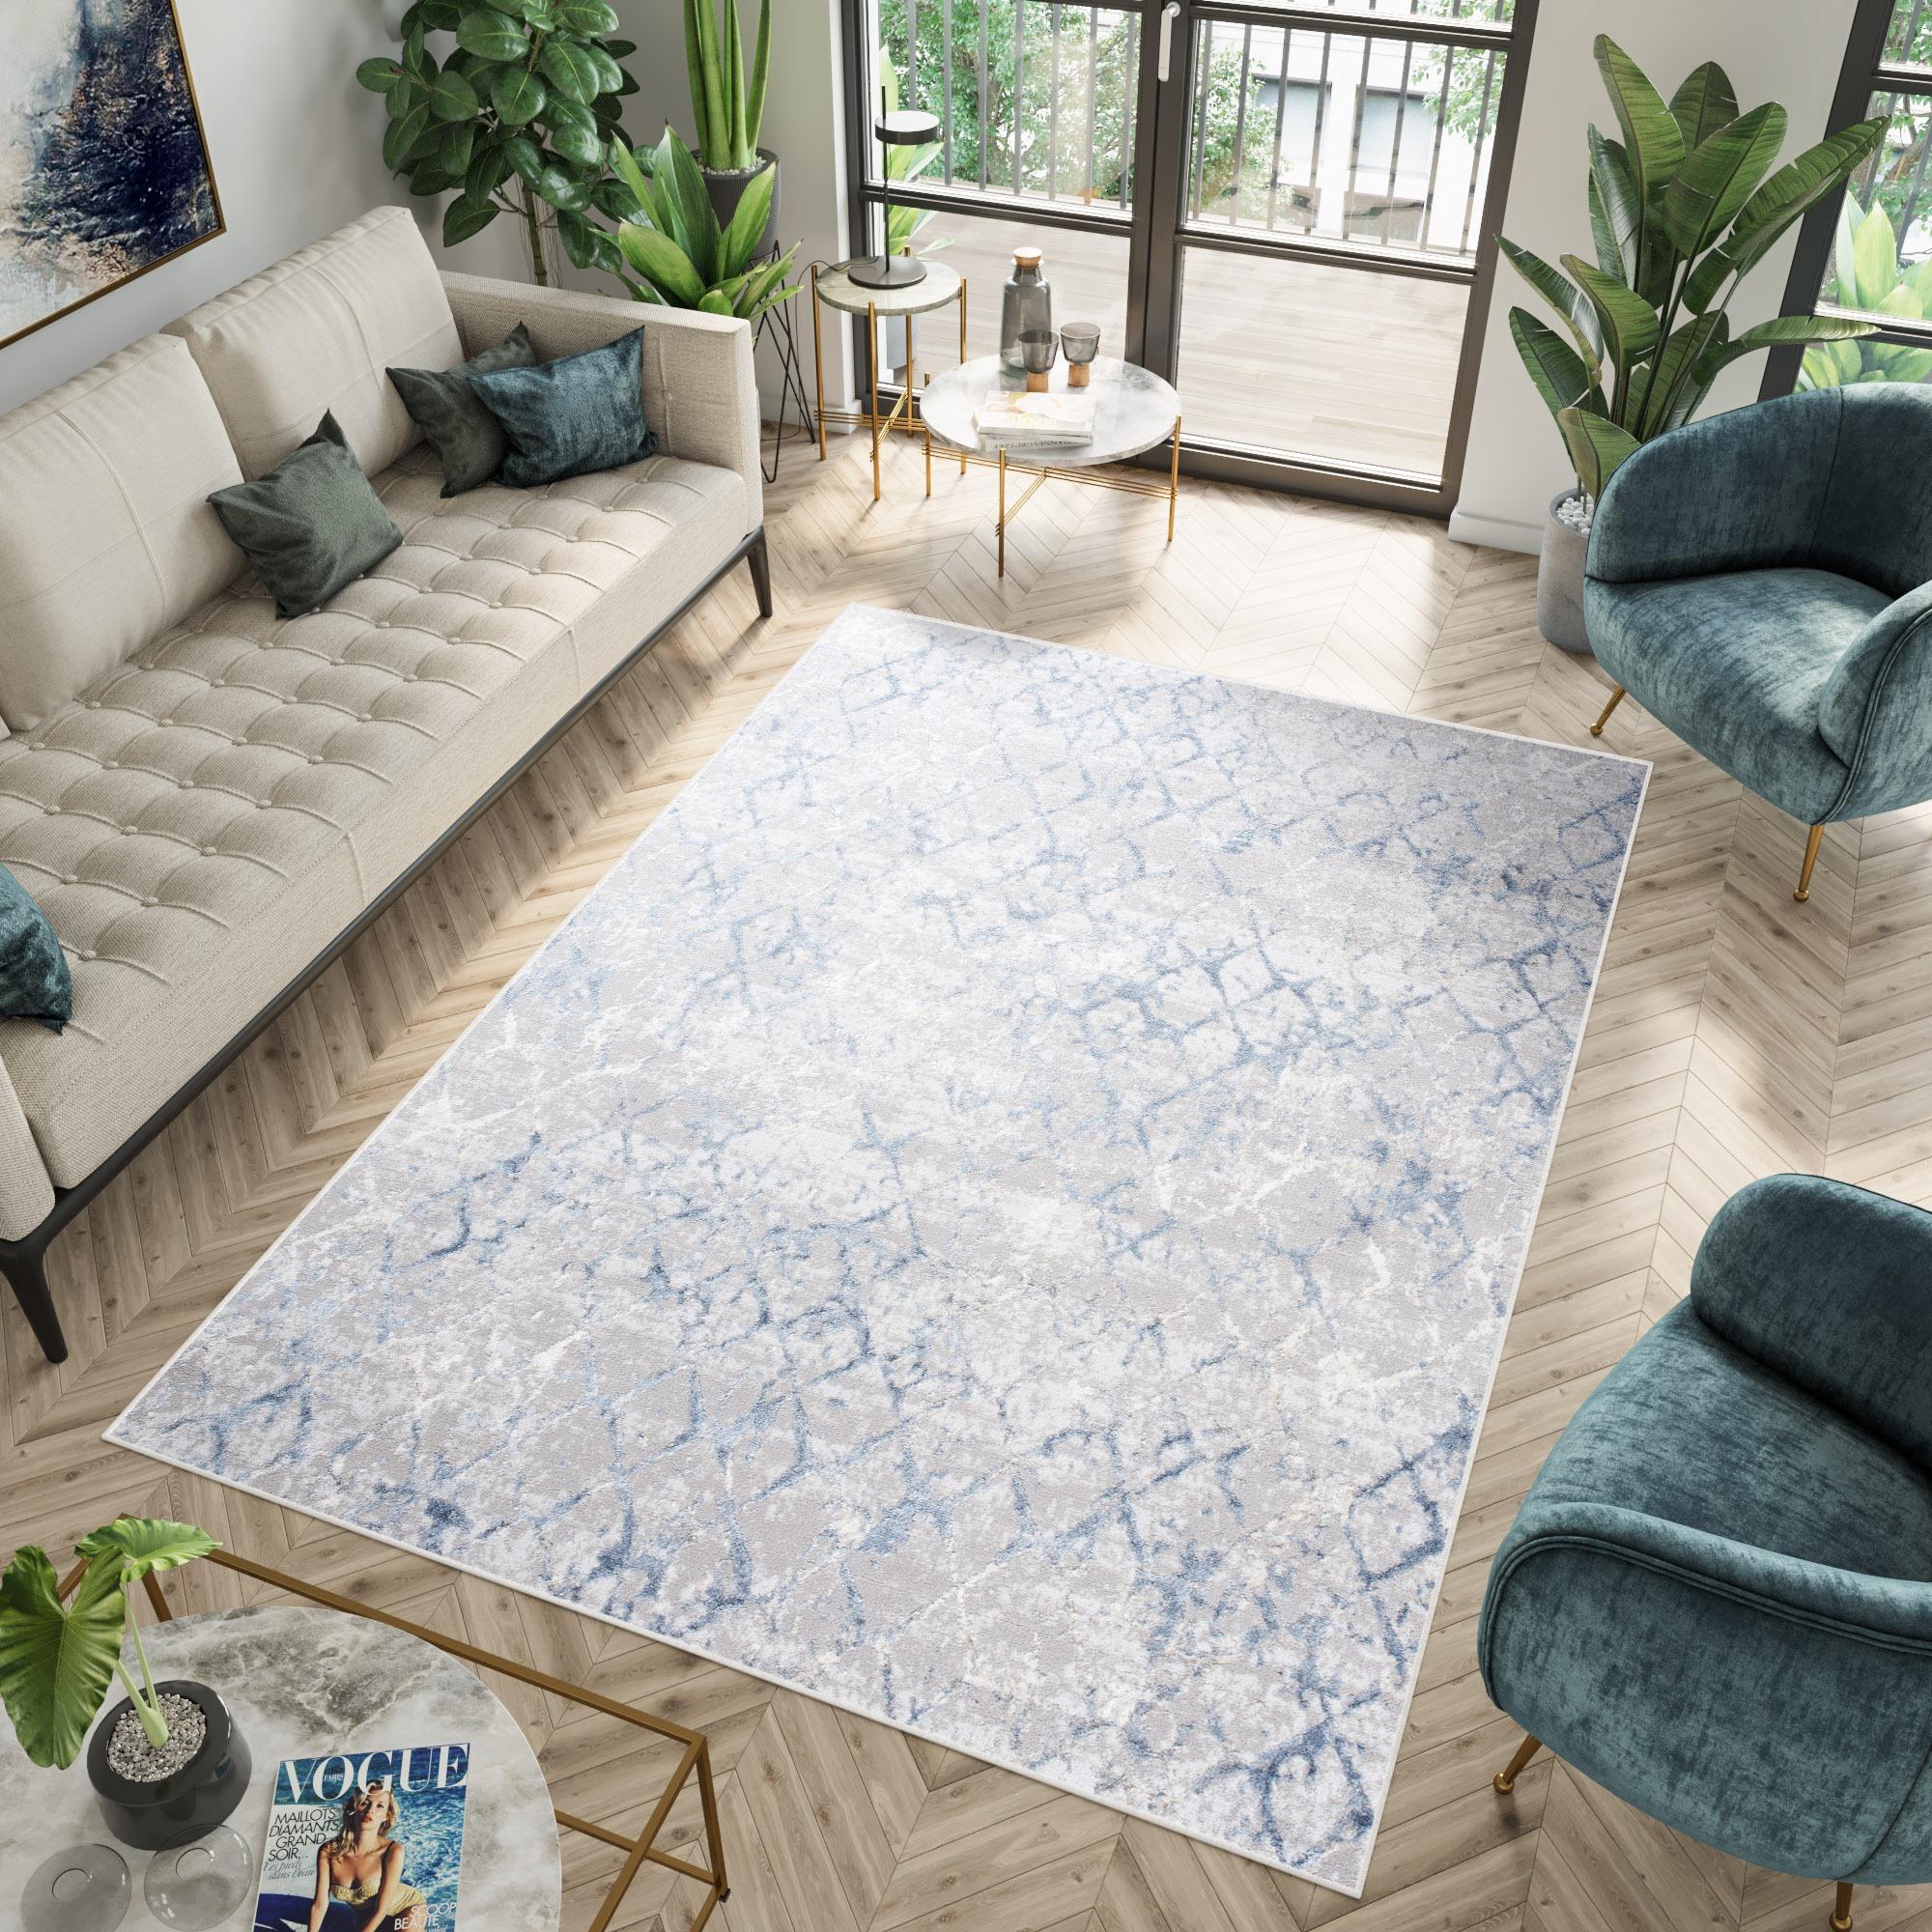 Come lavare un tappeto? Passo dopo passo - Guida